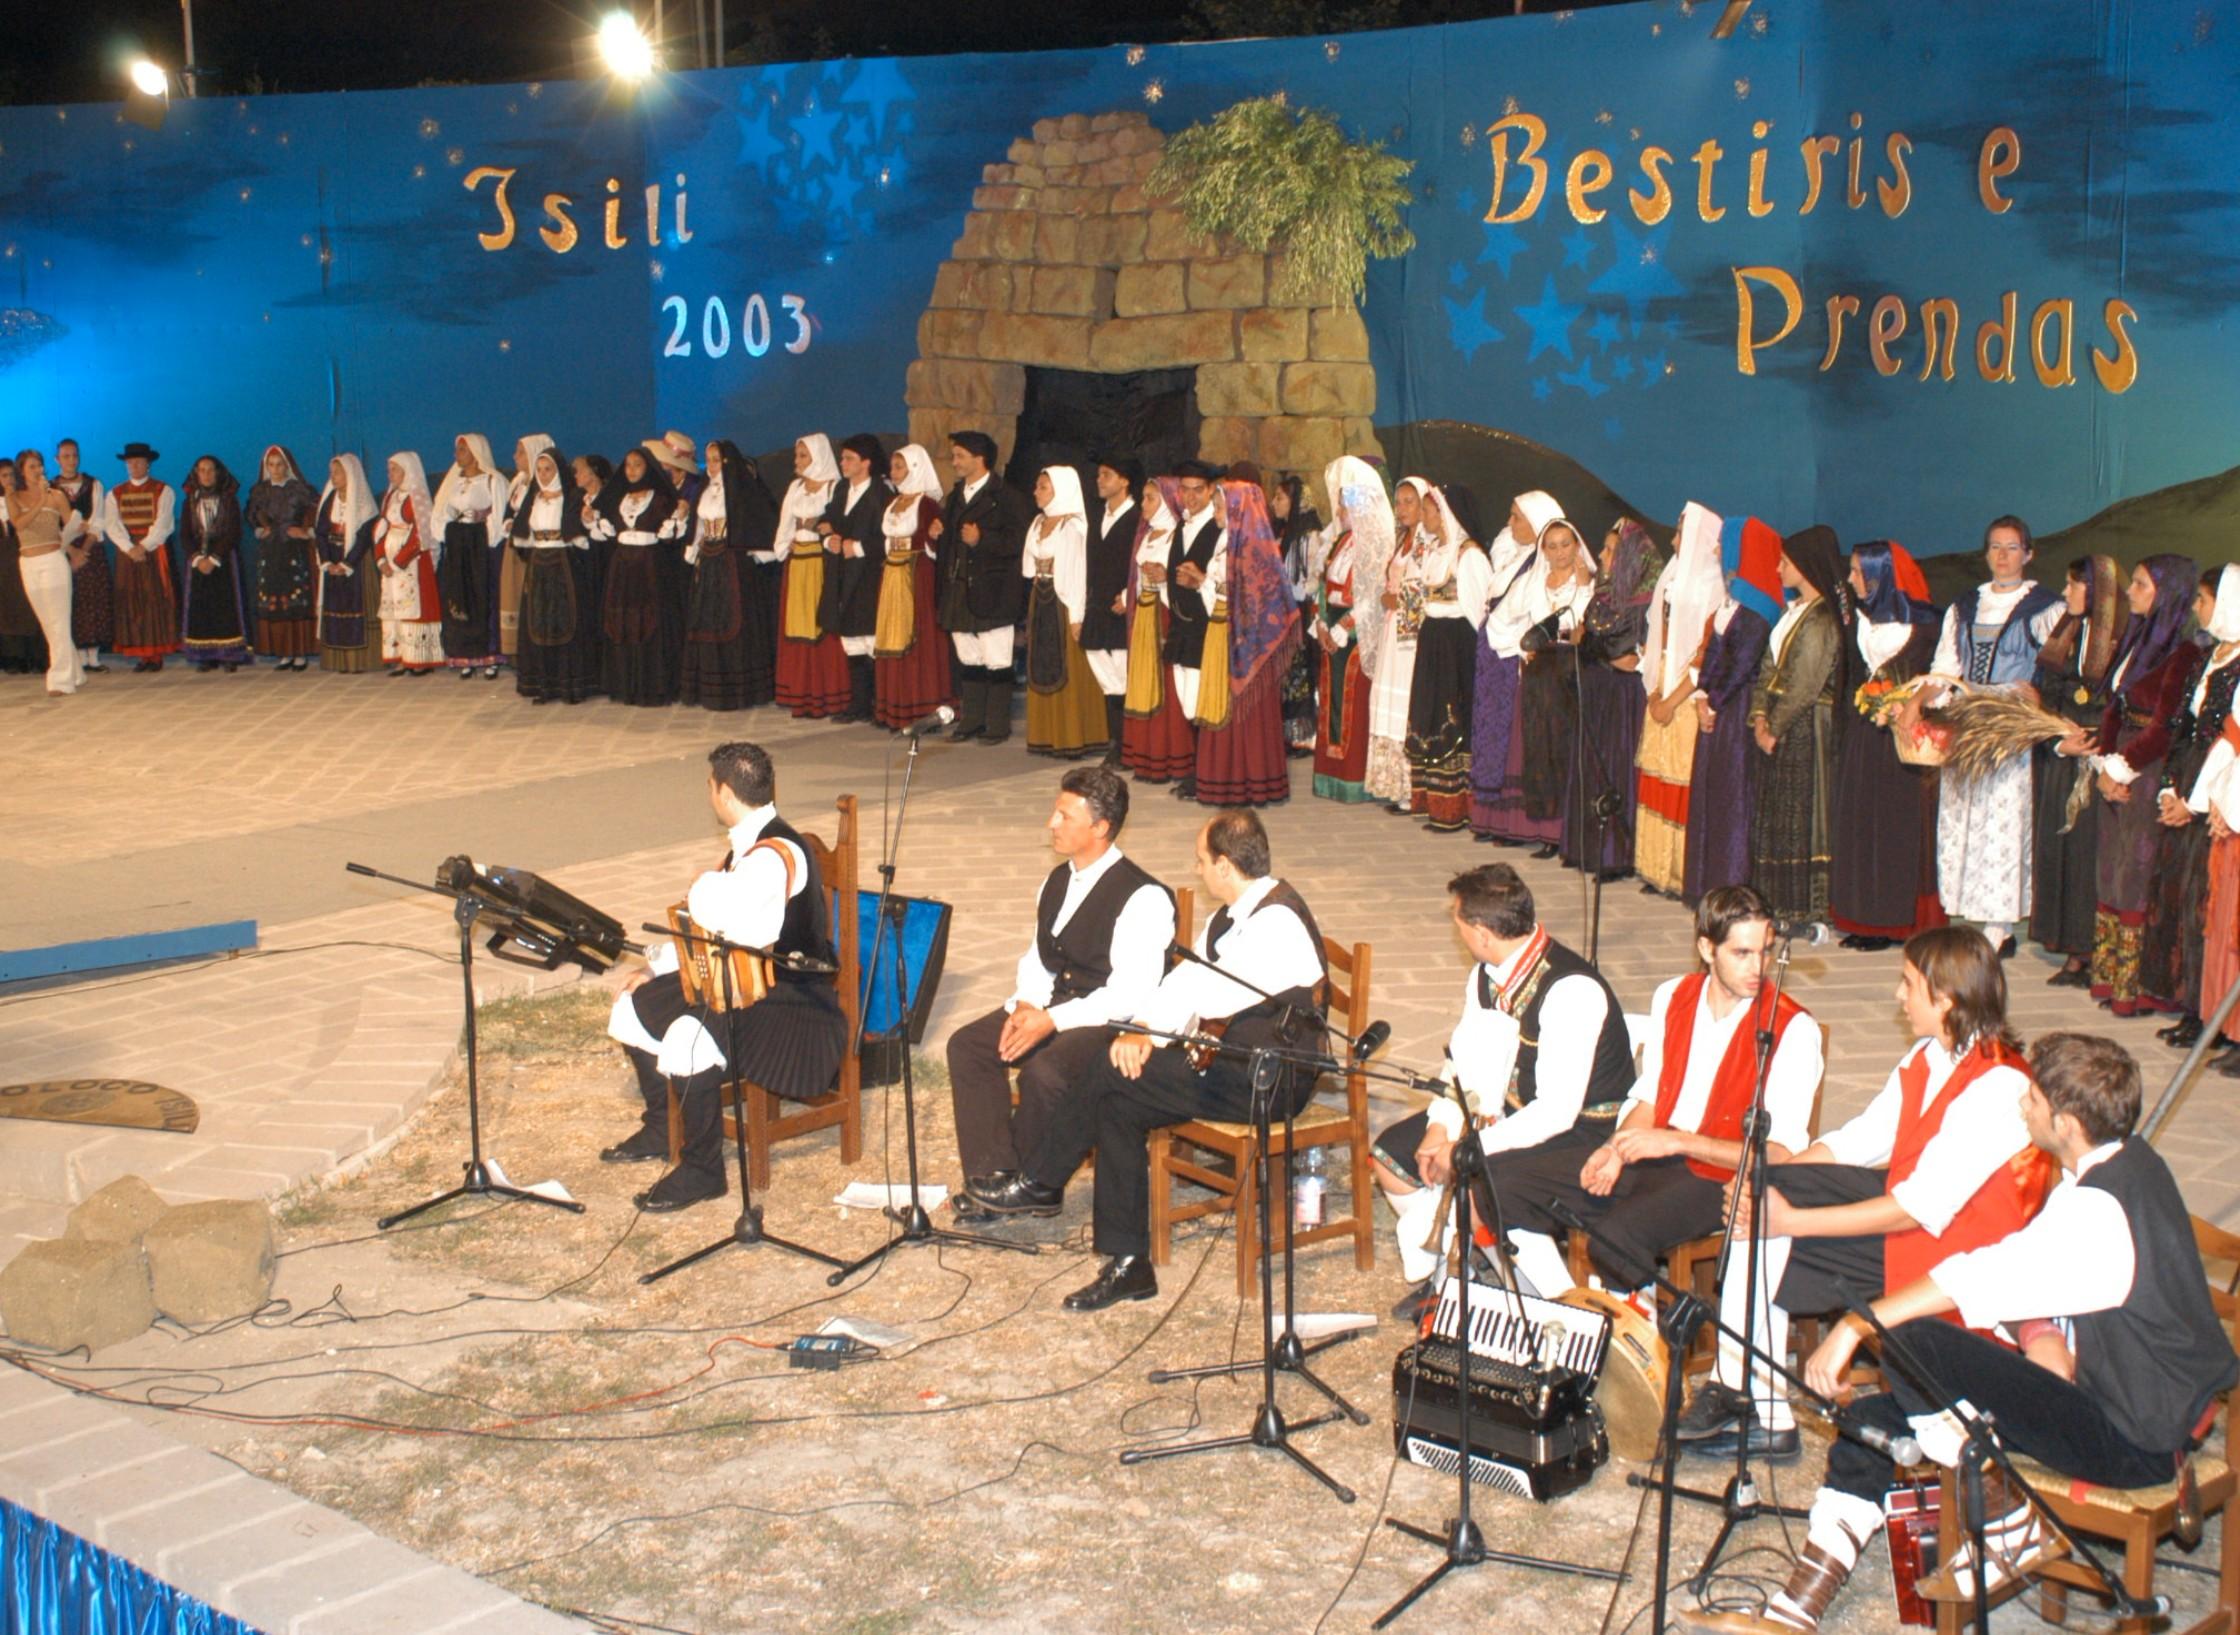 manifestazione Bestiris e Prendas (costumi e gioielli)